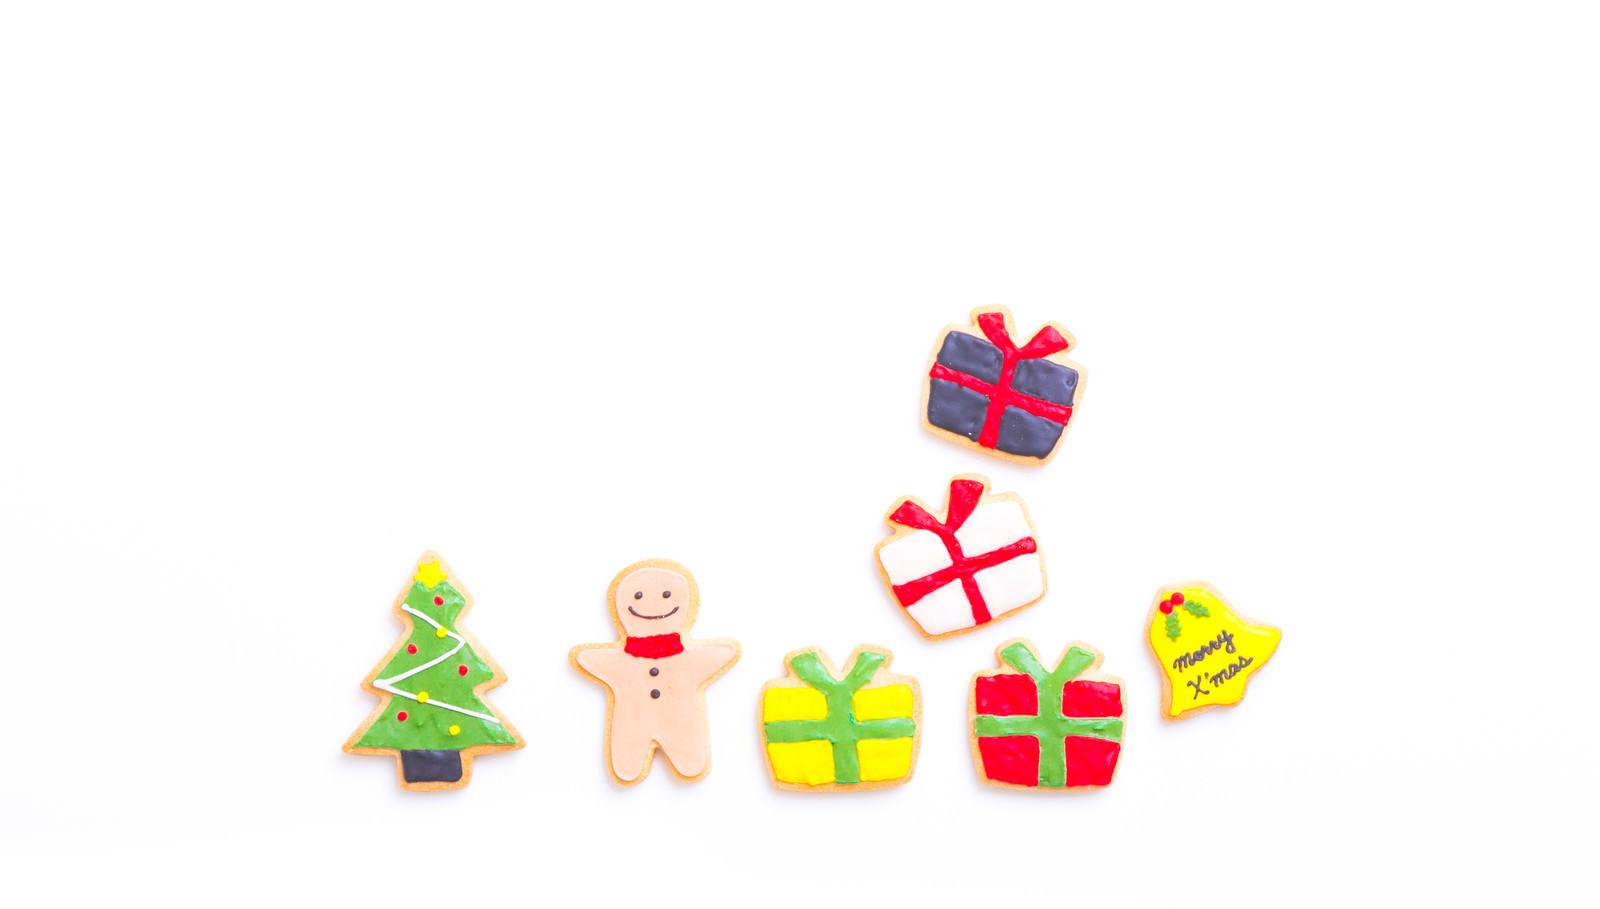 「メリークリスマス!プレゼント盛りだくさん(アイシングクッキー)」の写真